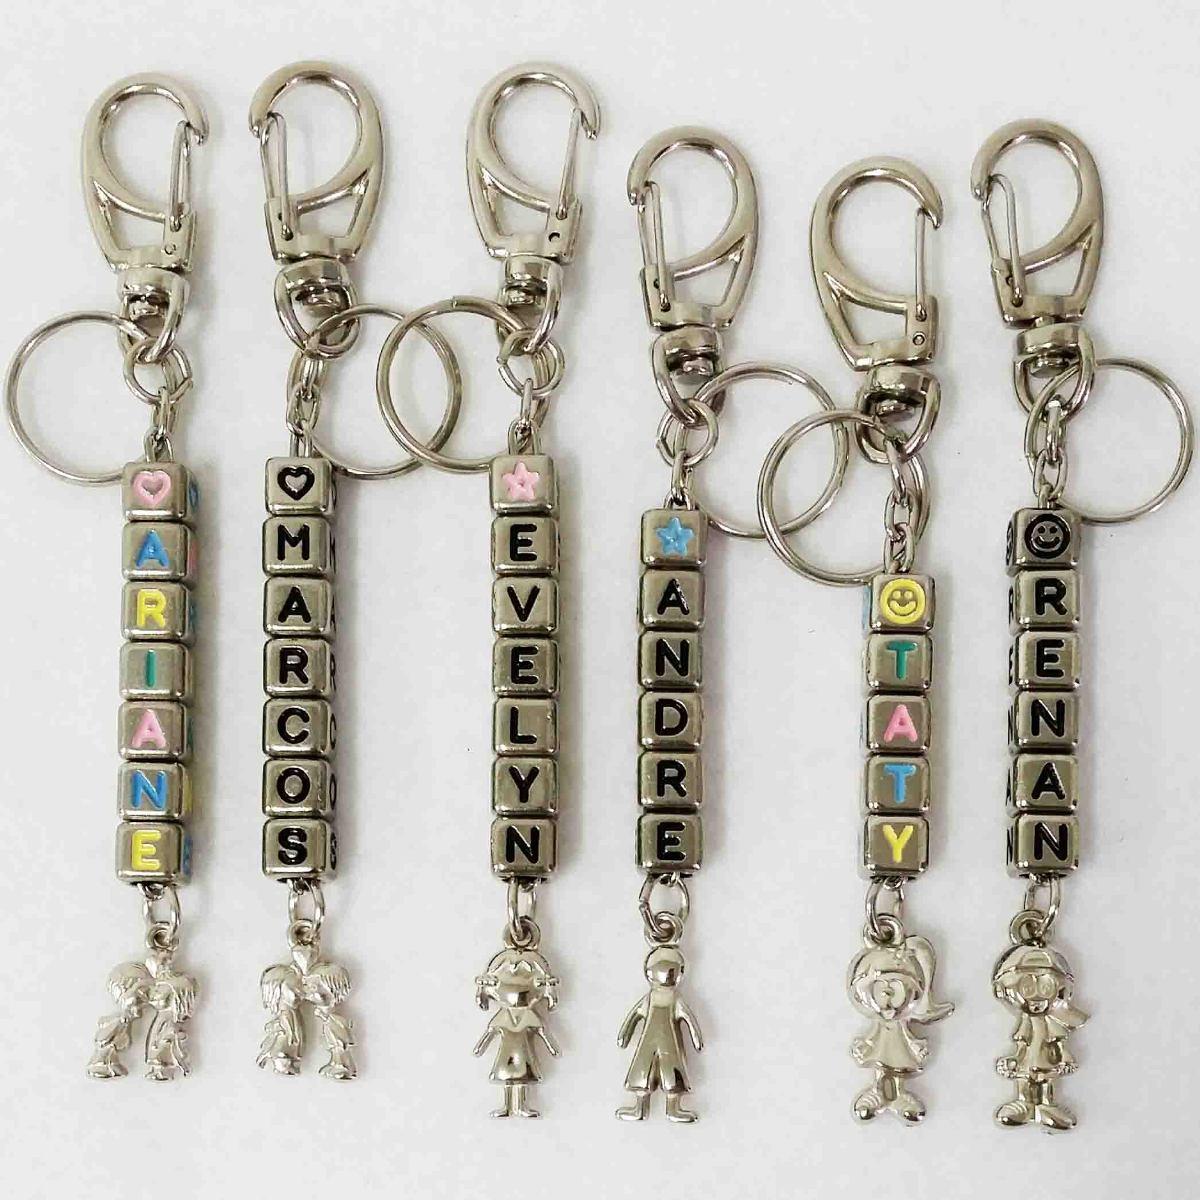 5e5a05fe4724a par de chaveiros personalizados nomes casal noivos namorados. Carregando  zoom.